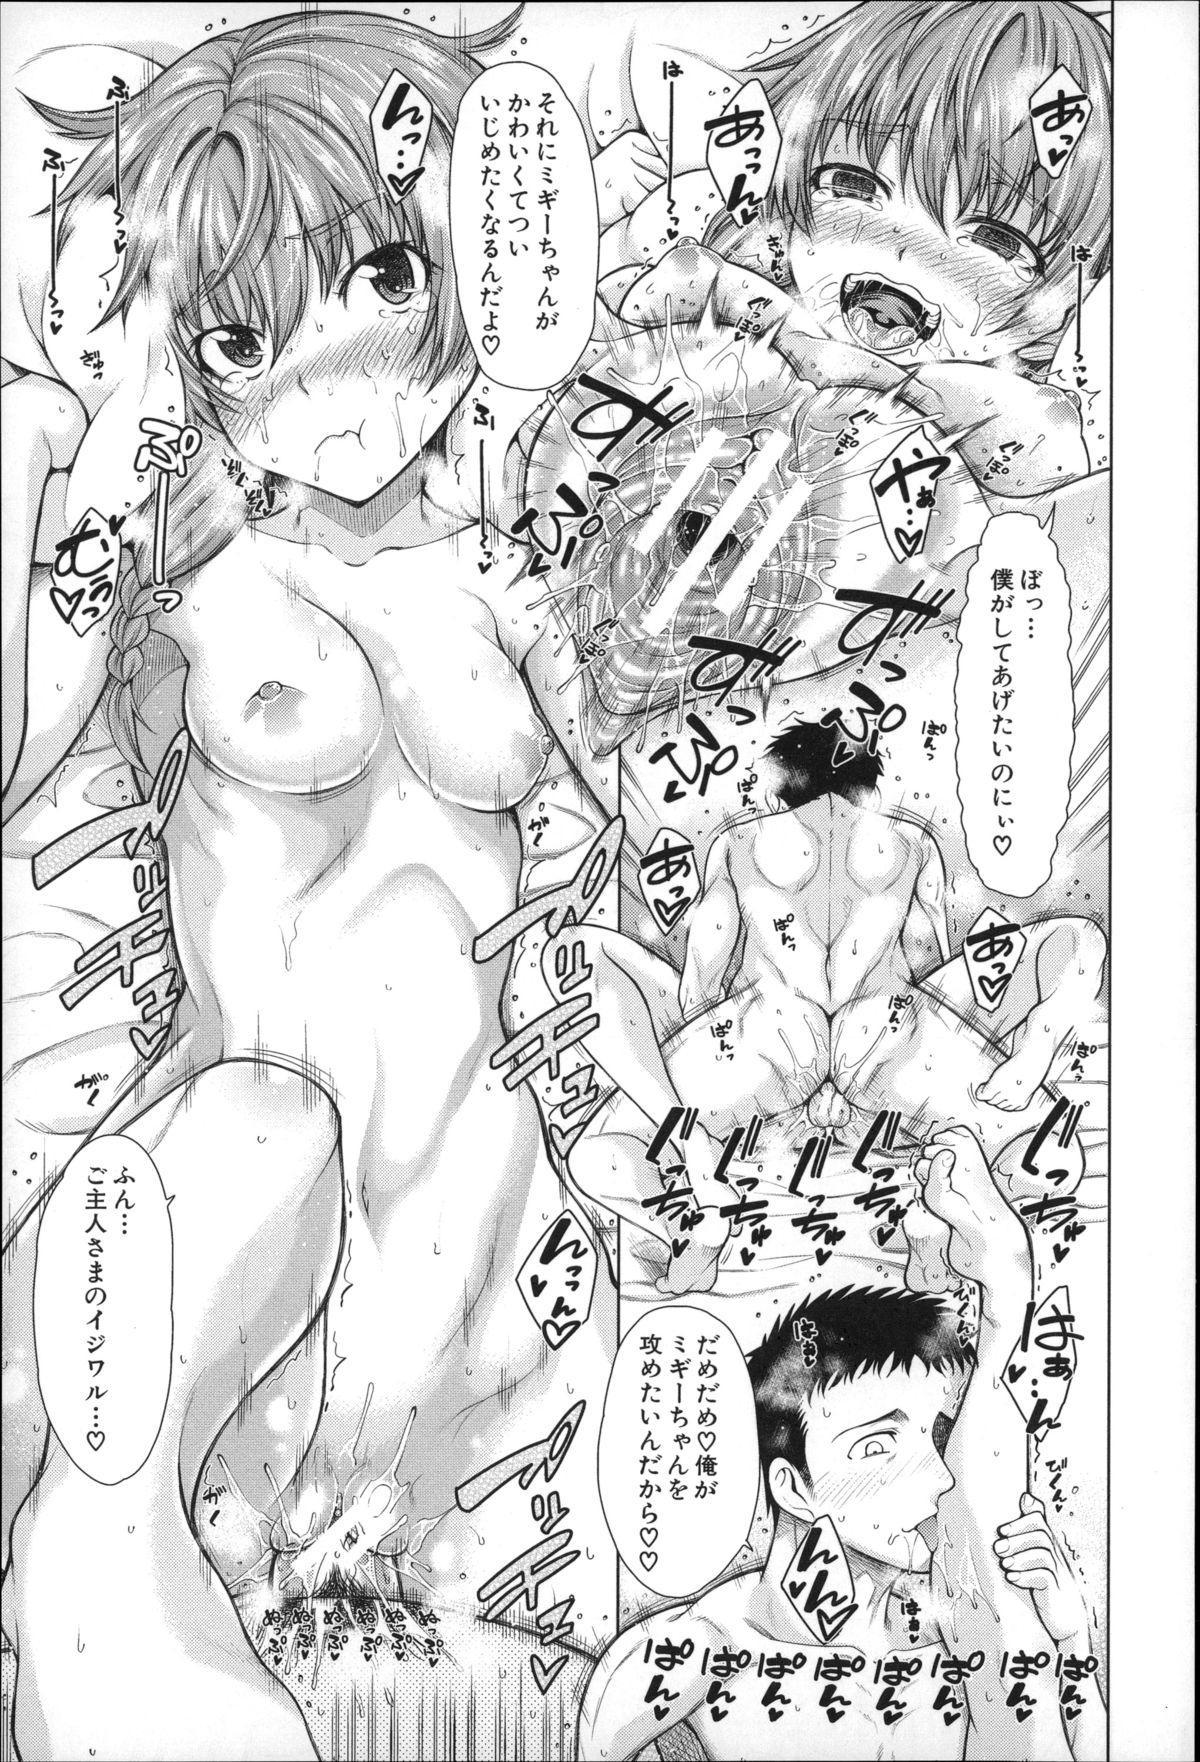 Migite ga Bishoujo ni Natta kara Sex Shita kedo Doutei dayone!! 33